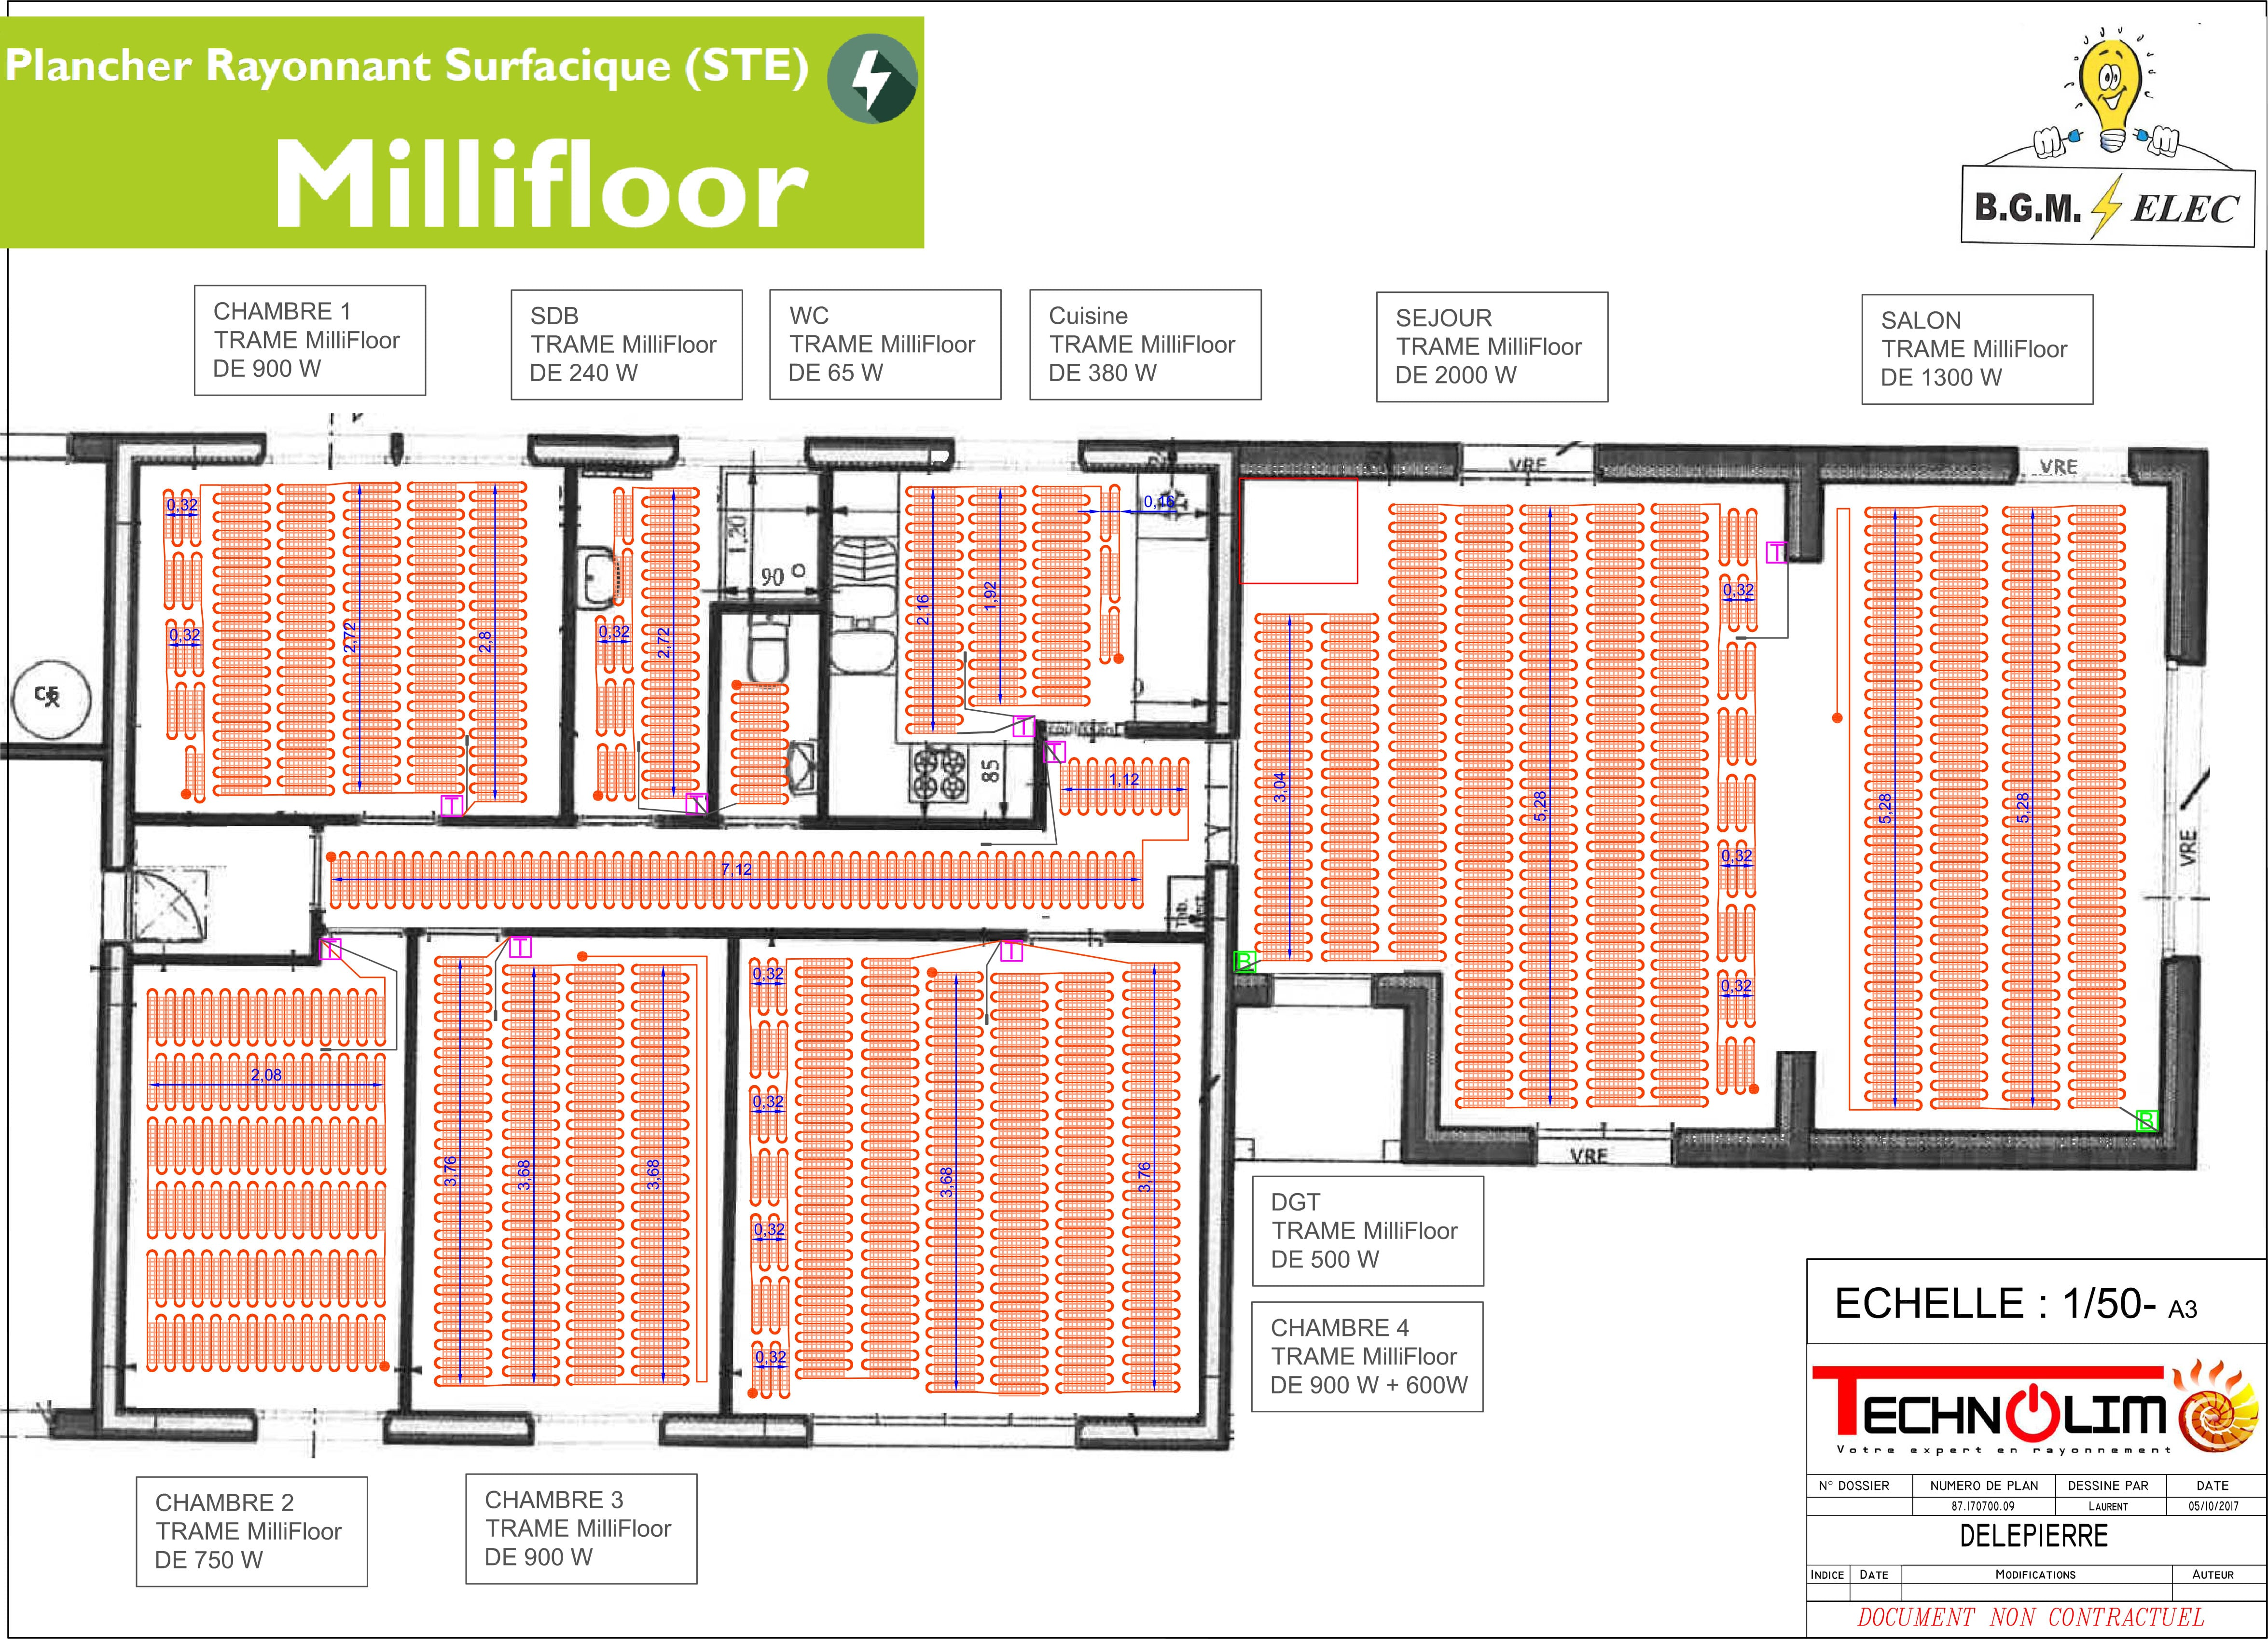 MilliFloor, Le plancher chauffant / rafraîchissant de la société Technolim à Limoges, spécialiste en chaleur rayonnante